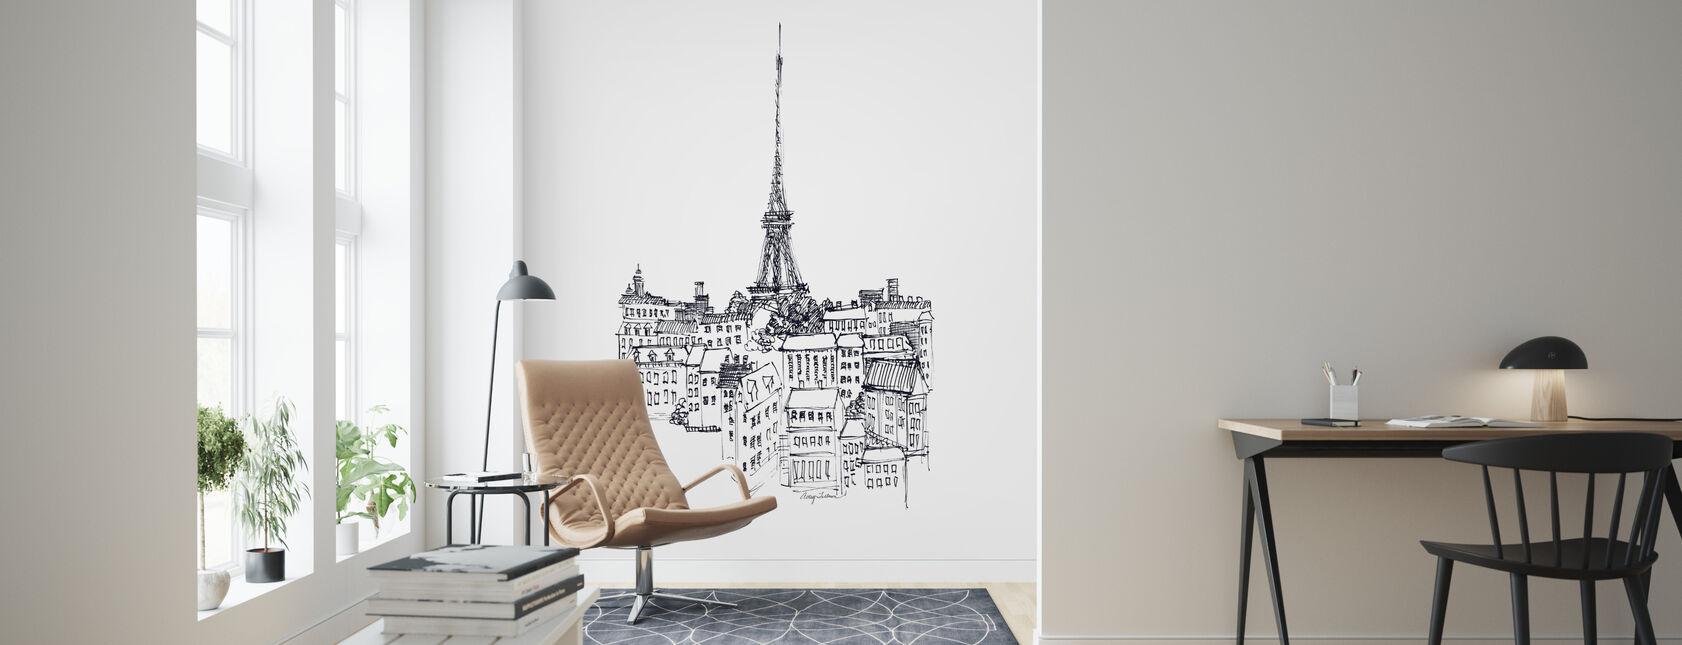 Avery Tillmon - Eiffel Tower - Wallpaper - Living Room